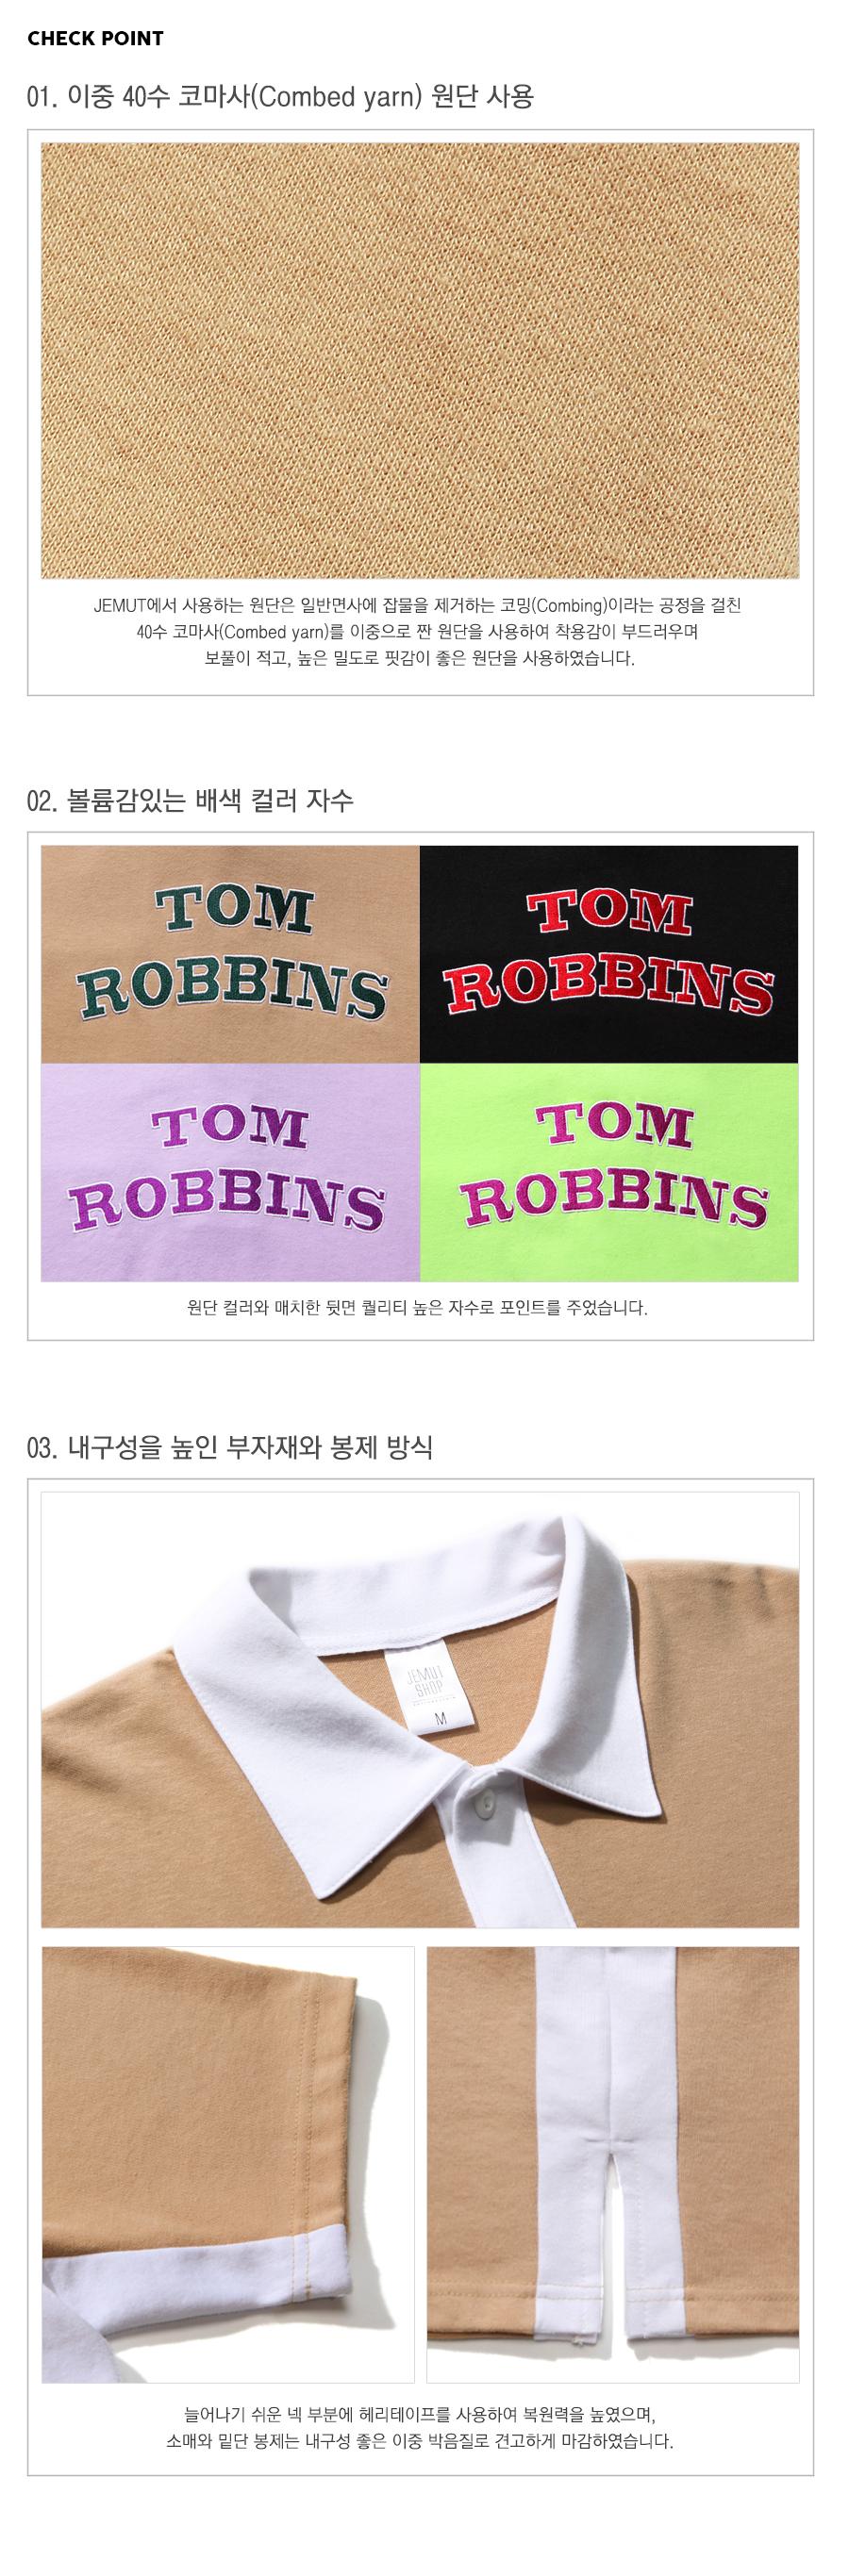 20180511_tomrobbins_collar_info_kj.jpg